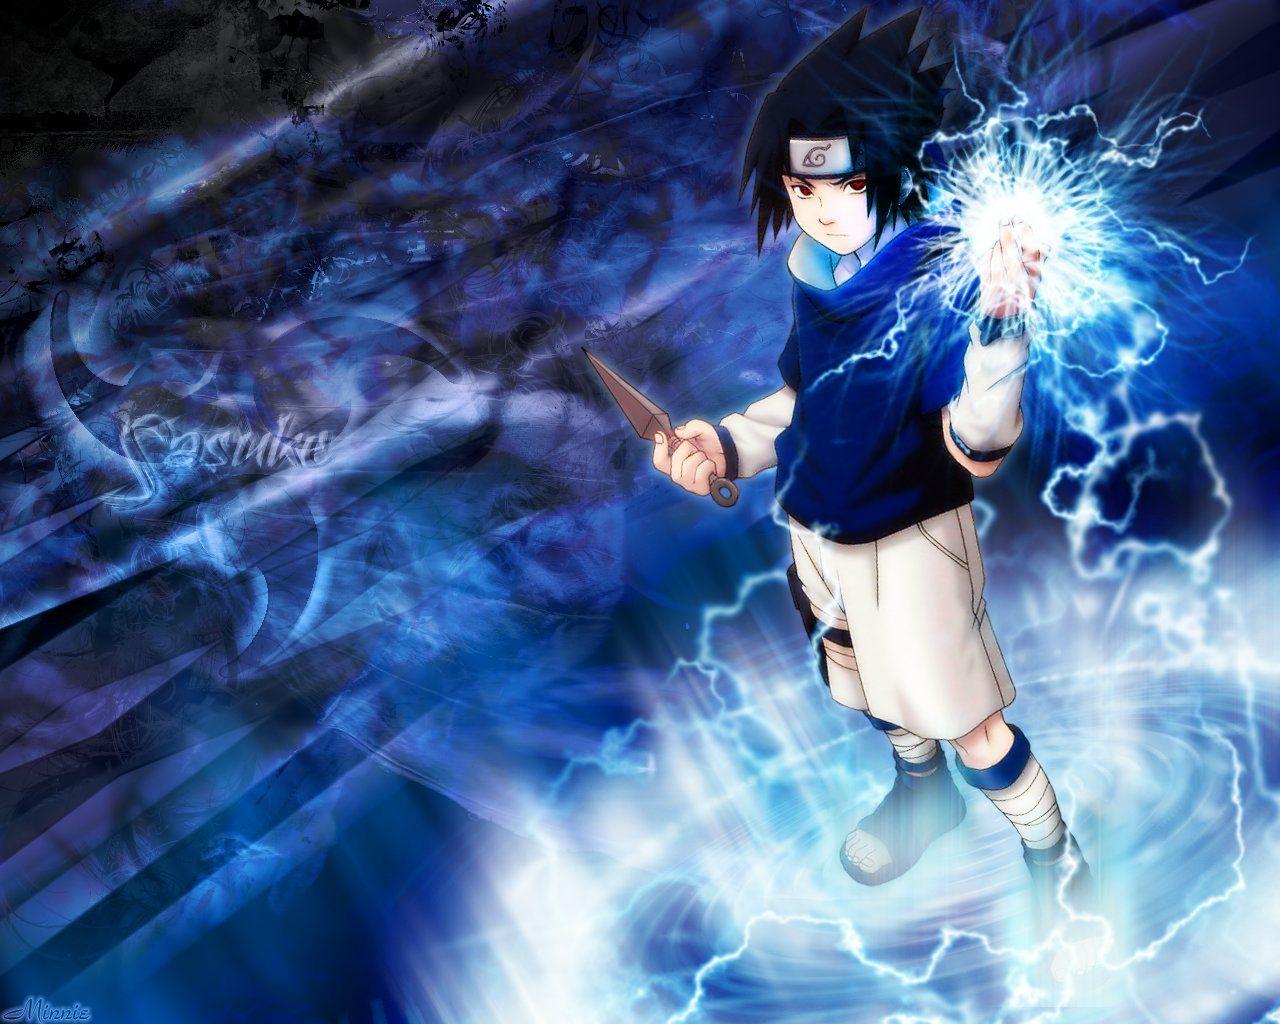 Top Wallpaper Naruto Blue - 6644486c041cc46d3d5490e6f9b4cc88  2018_1001865.jpg